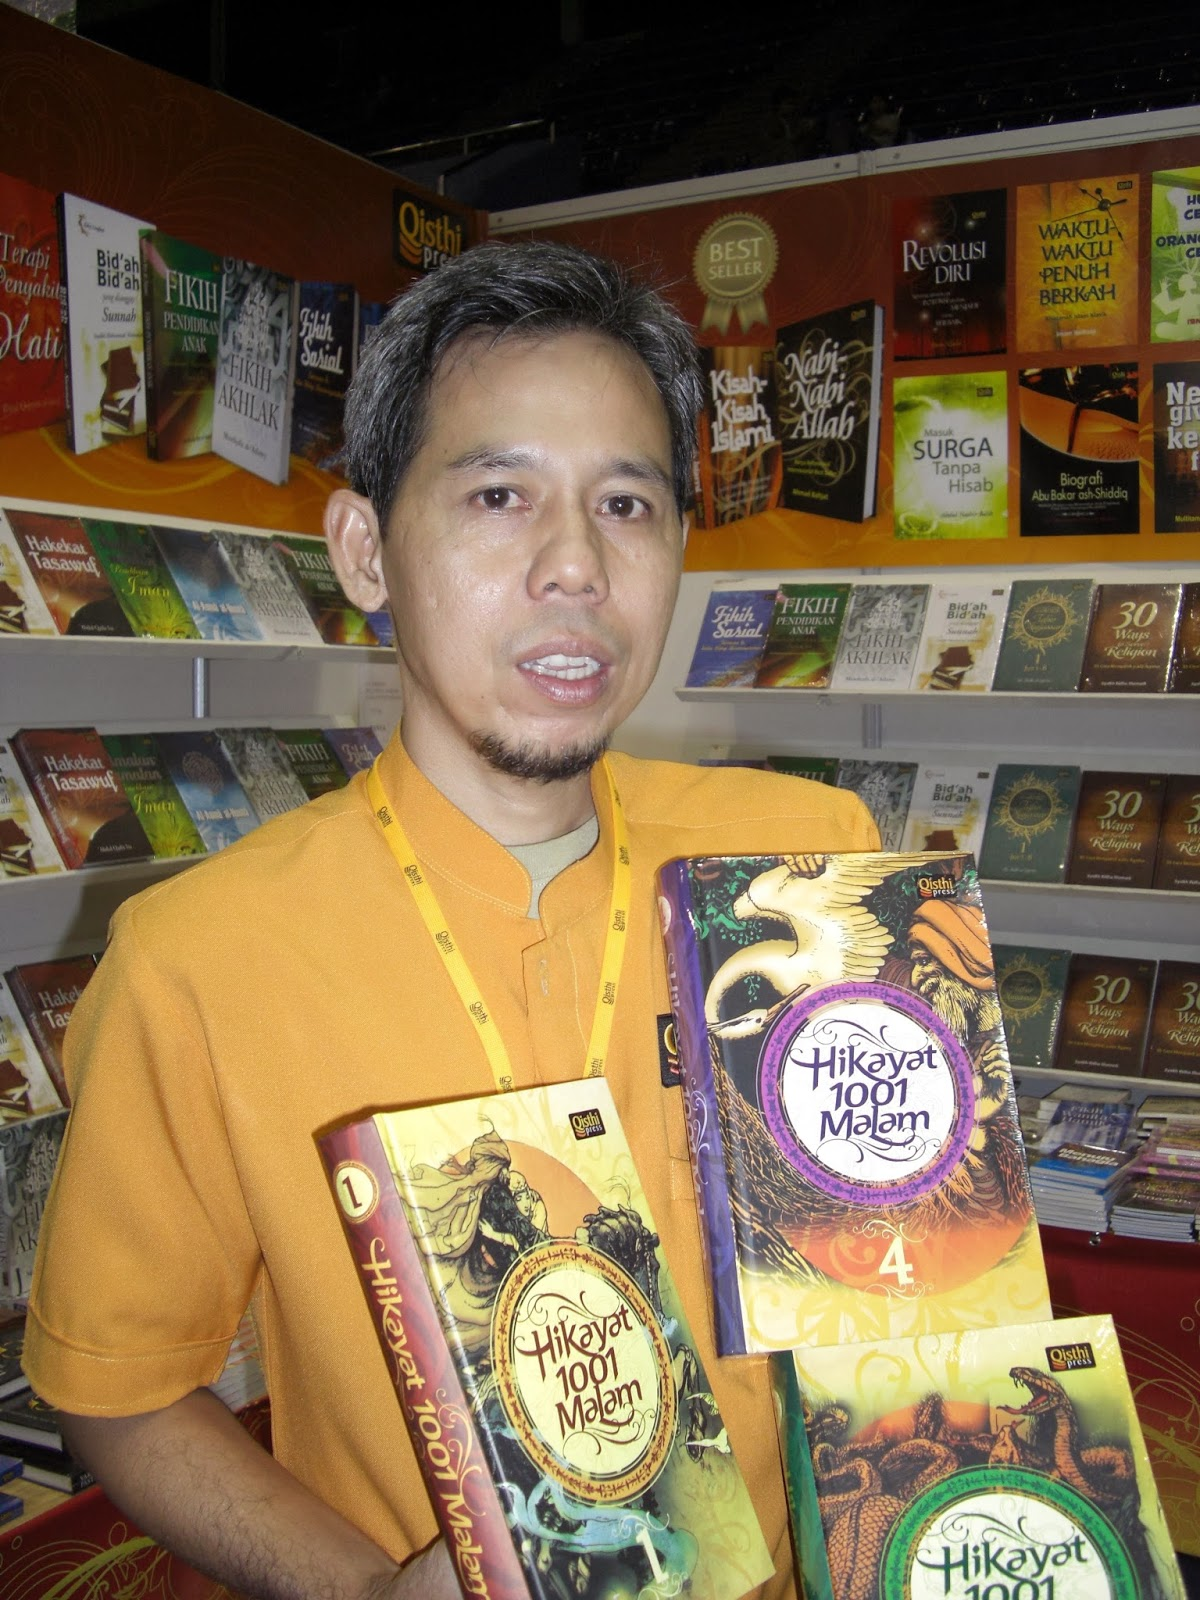 Buku Hikayat 1001 Malam Edisi Lengkap Sapto Senoaji 0818150579